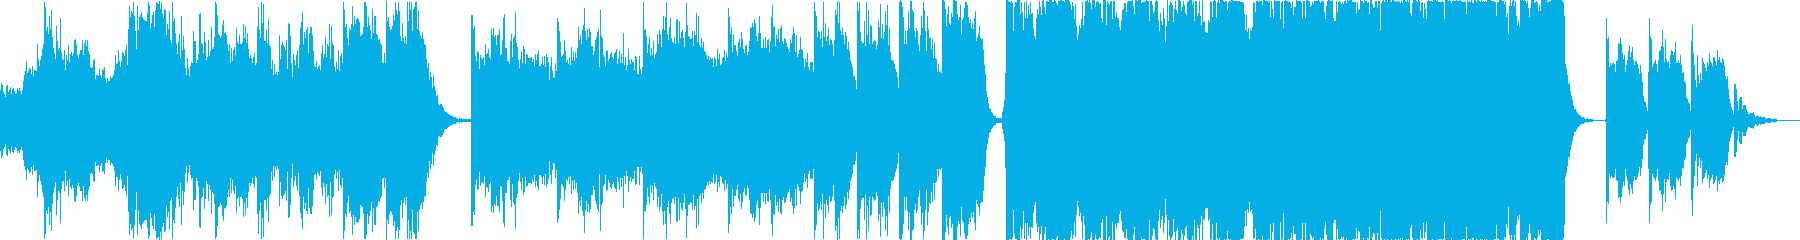 電気音響シンフォニー ポジティブ ...の再生済みの波形